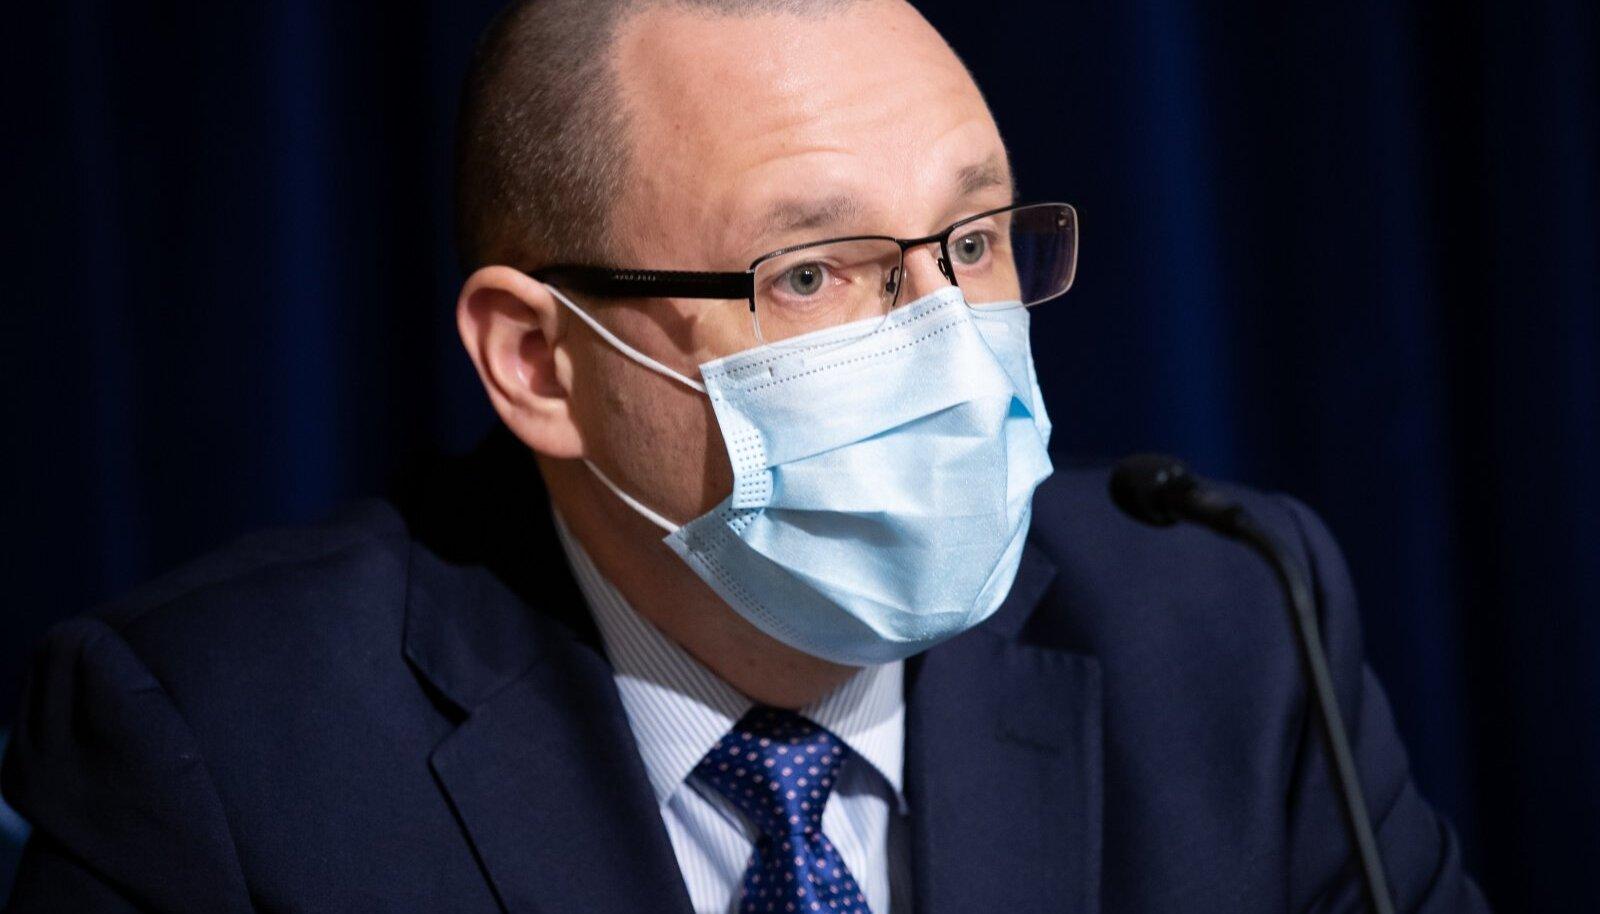 PERH-i kiirabikeskuse juhataja dr Popov soovitab maski kanda ühissõidukis ja siseruumis, kus pole võimalik distantsi hoida. Mask vähendab nakatumisohtu ja sümptomeid, sest inimene saab väiksema doosi viirust.